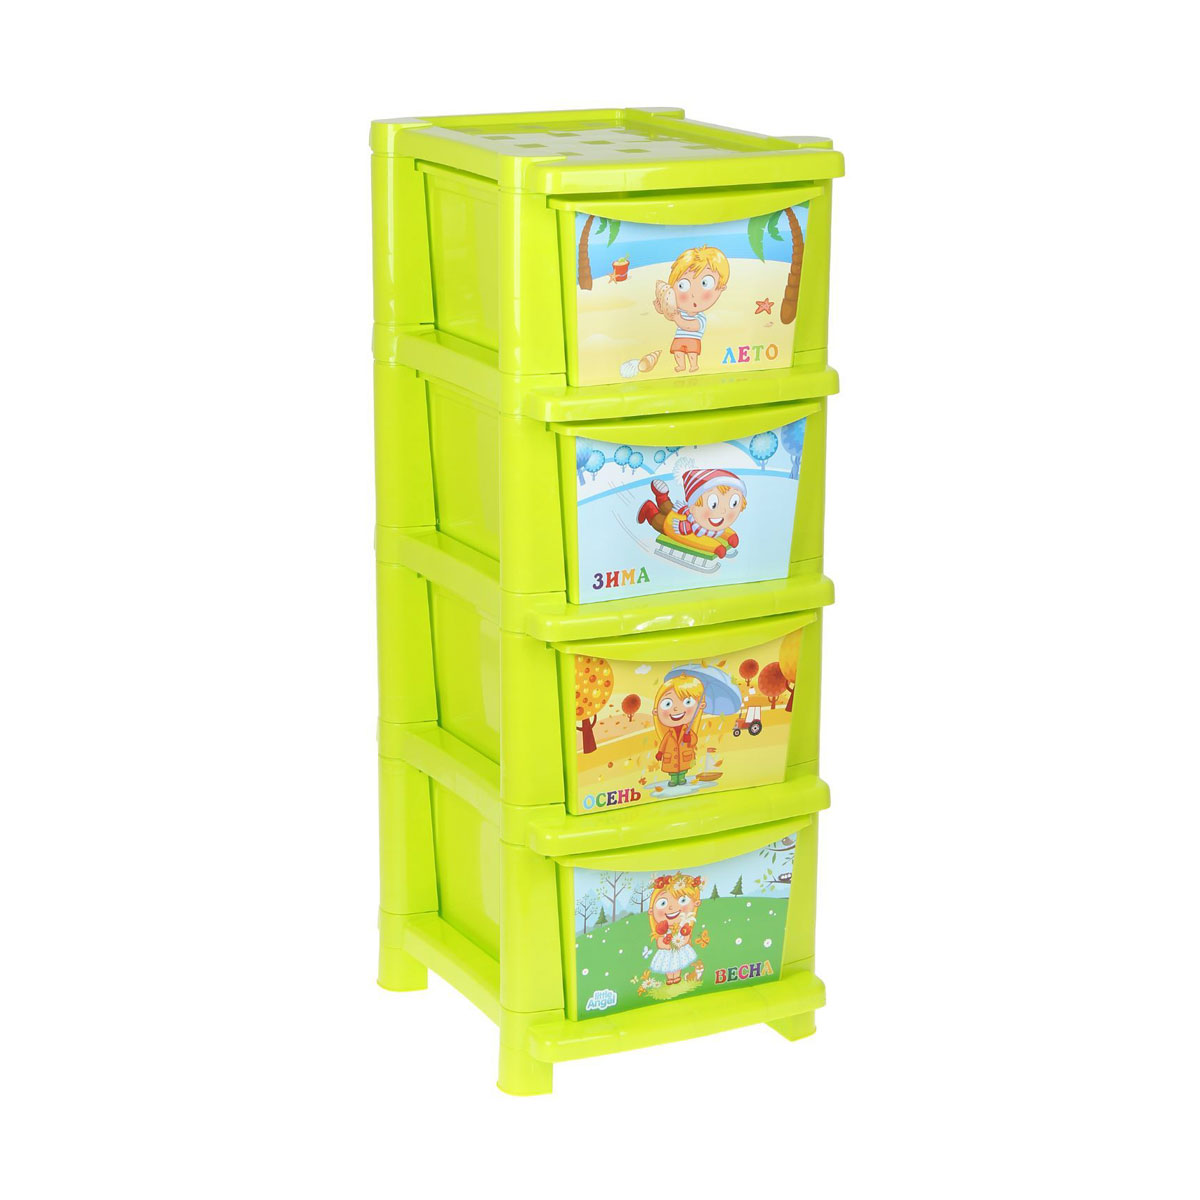 Купить Комод для детской комнаты Обучайка - Времена года, салатовый, Little Angel